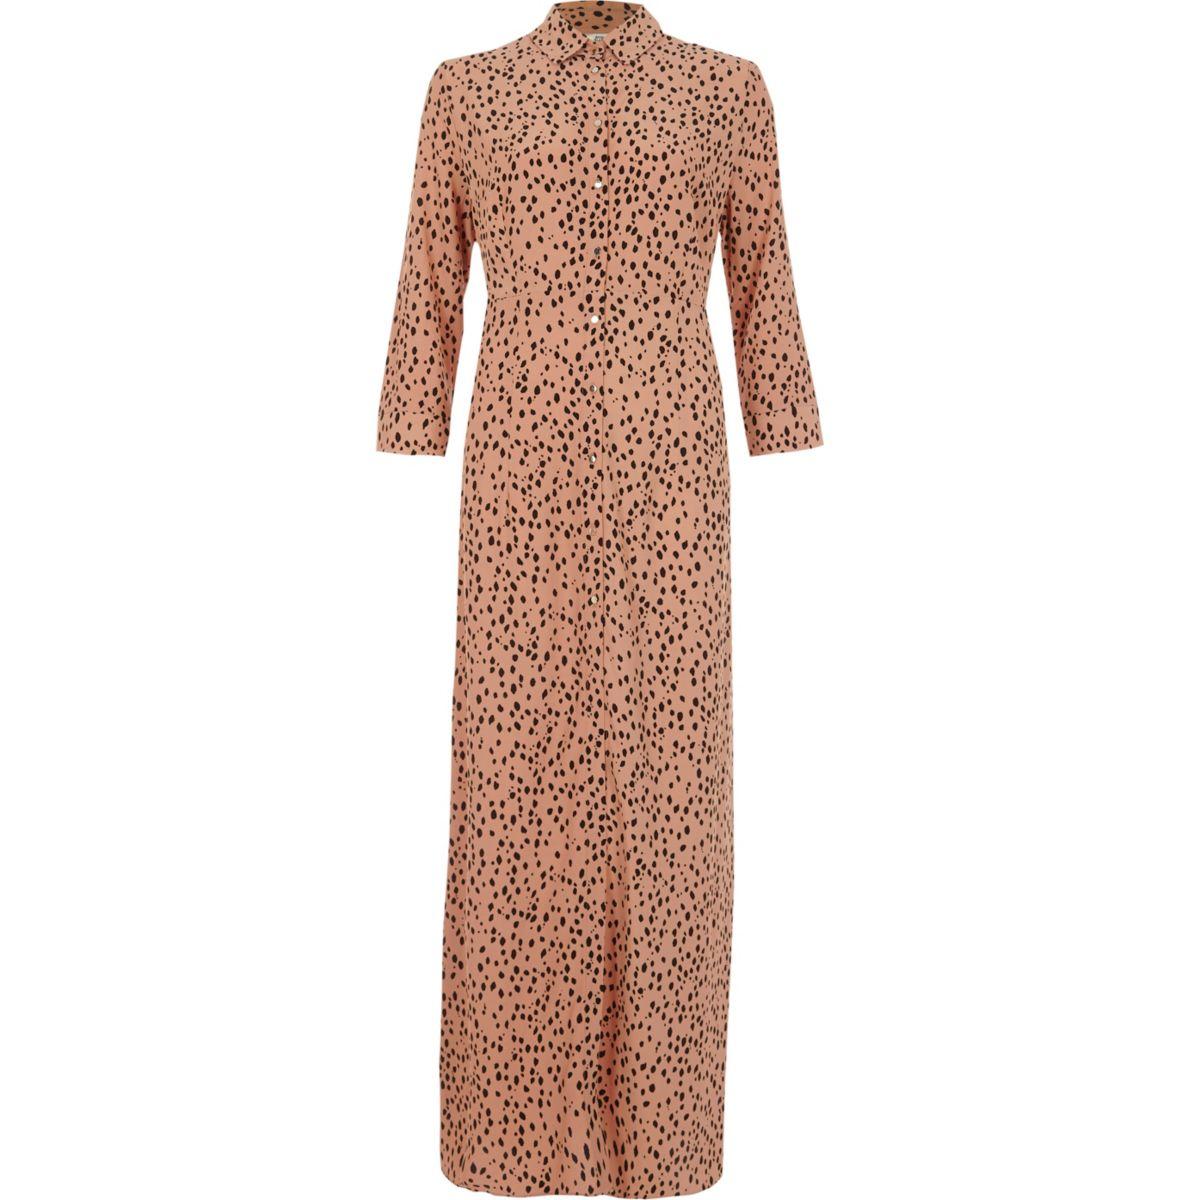 dress print brown maxi shirt Petite OgI8qw